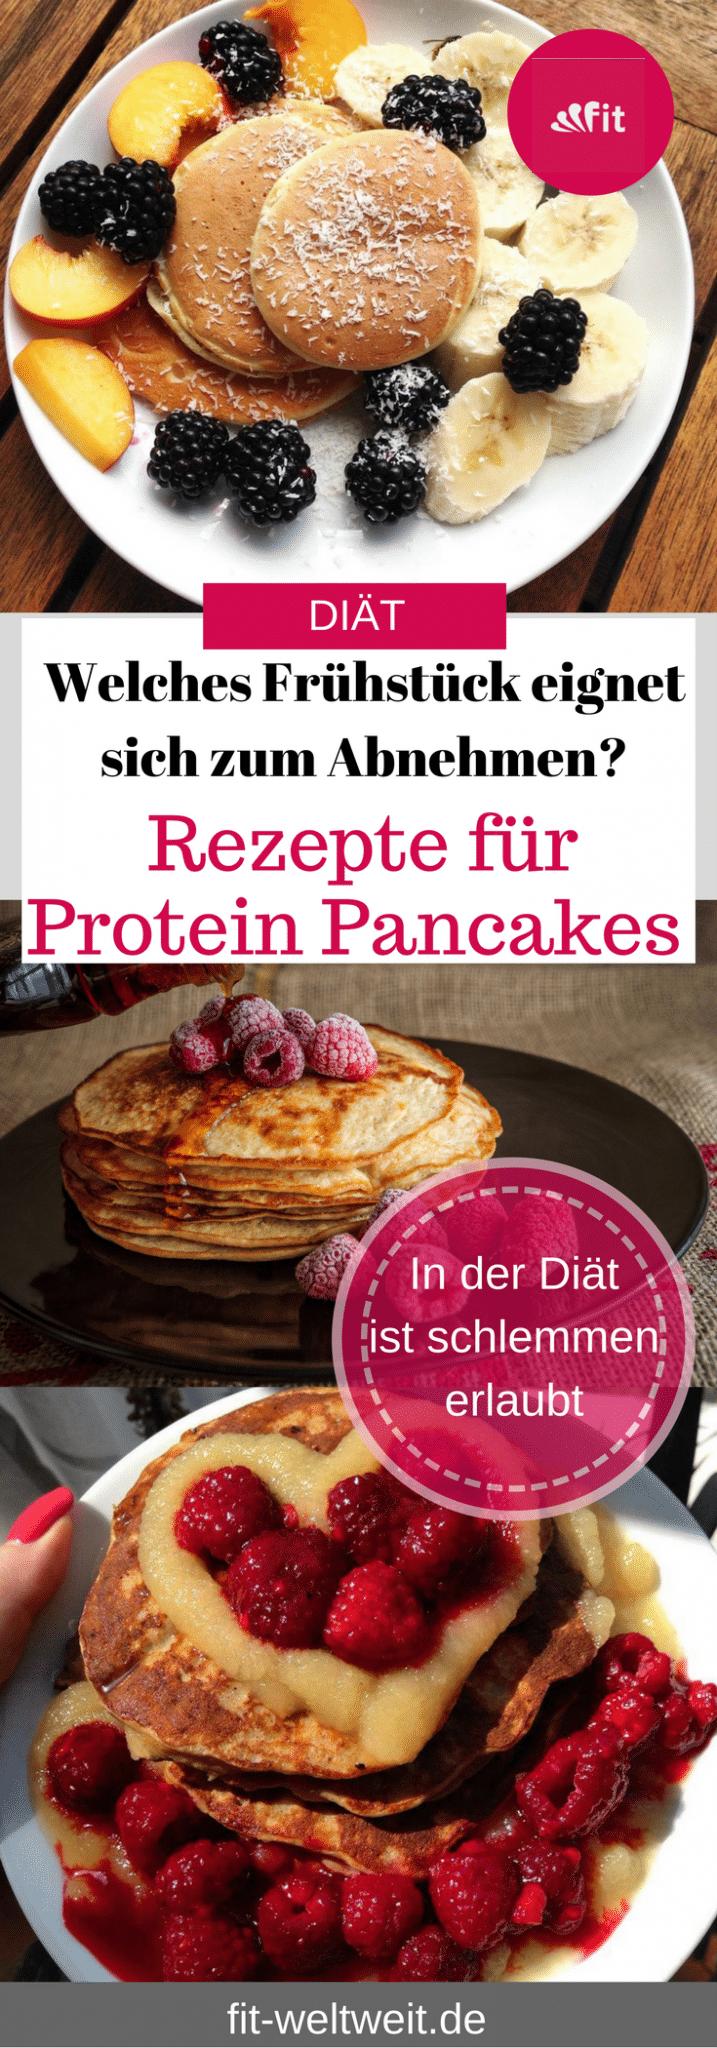 Rezepte für HCG Protein Pancakes: Rezepte für HCG Protein #Pancakes (#Stoffwechselkur geeignet) gebe ich dir hier. Ich bin sowieso ein Pancakes Fan und habe dir unten noch weitere leckere Pancakes verlinkt, die auch während deiner Diät, beim #Abnehmen oder #Ernährungsumstellung geeignet sind.Rezepte für HCG Protein Pancakes: Rezepte für HCG Protein Pancakes (Stoffwechselkur geeignet) gebe ich dir hier. Ich bin sowieso ein Pancakes Fan und habe dir unten noch weitere leckere Pancakes verlinkt, die auch während deiner Diät oder Ernährungsumstellung geeignet sind.